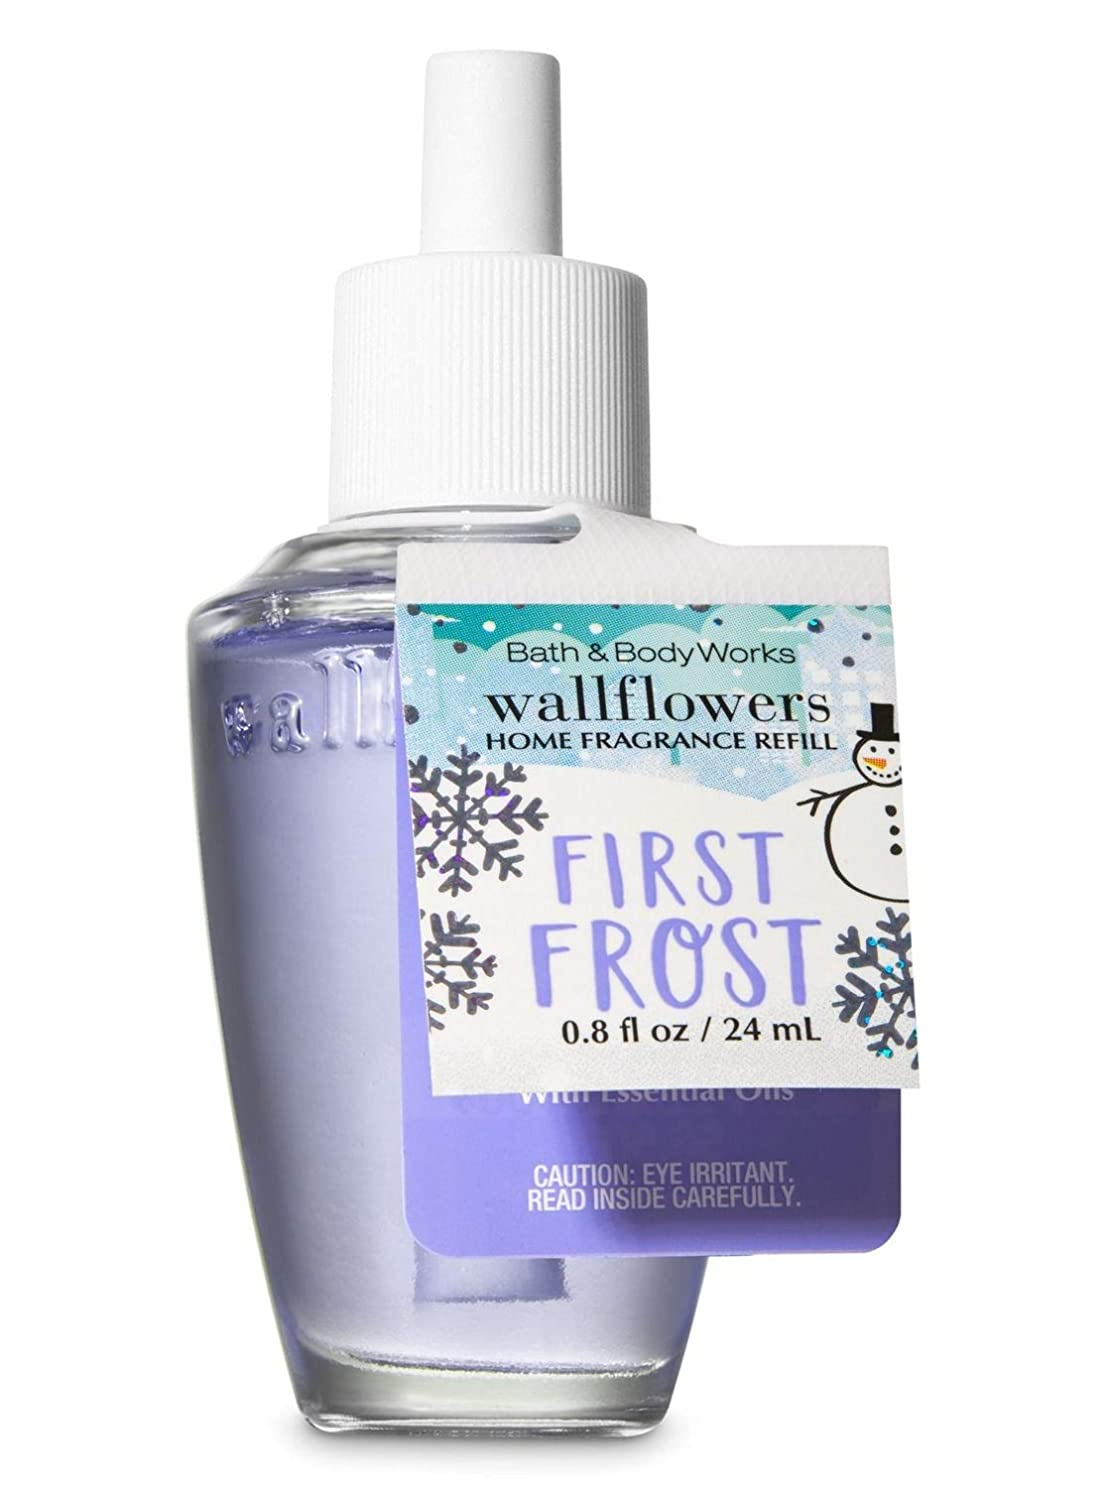 玉スコア旋回【Bath&Body Works/バス&ボディワークス】 ルームフレグランス 詰替えリフィル ファーストフロスト Wallflowers Home Fragrance Refill First Frost [並行輸入品]